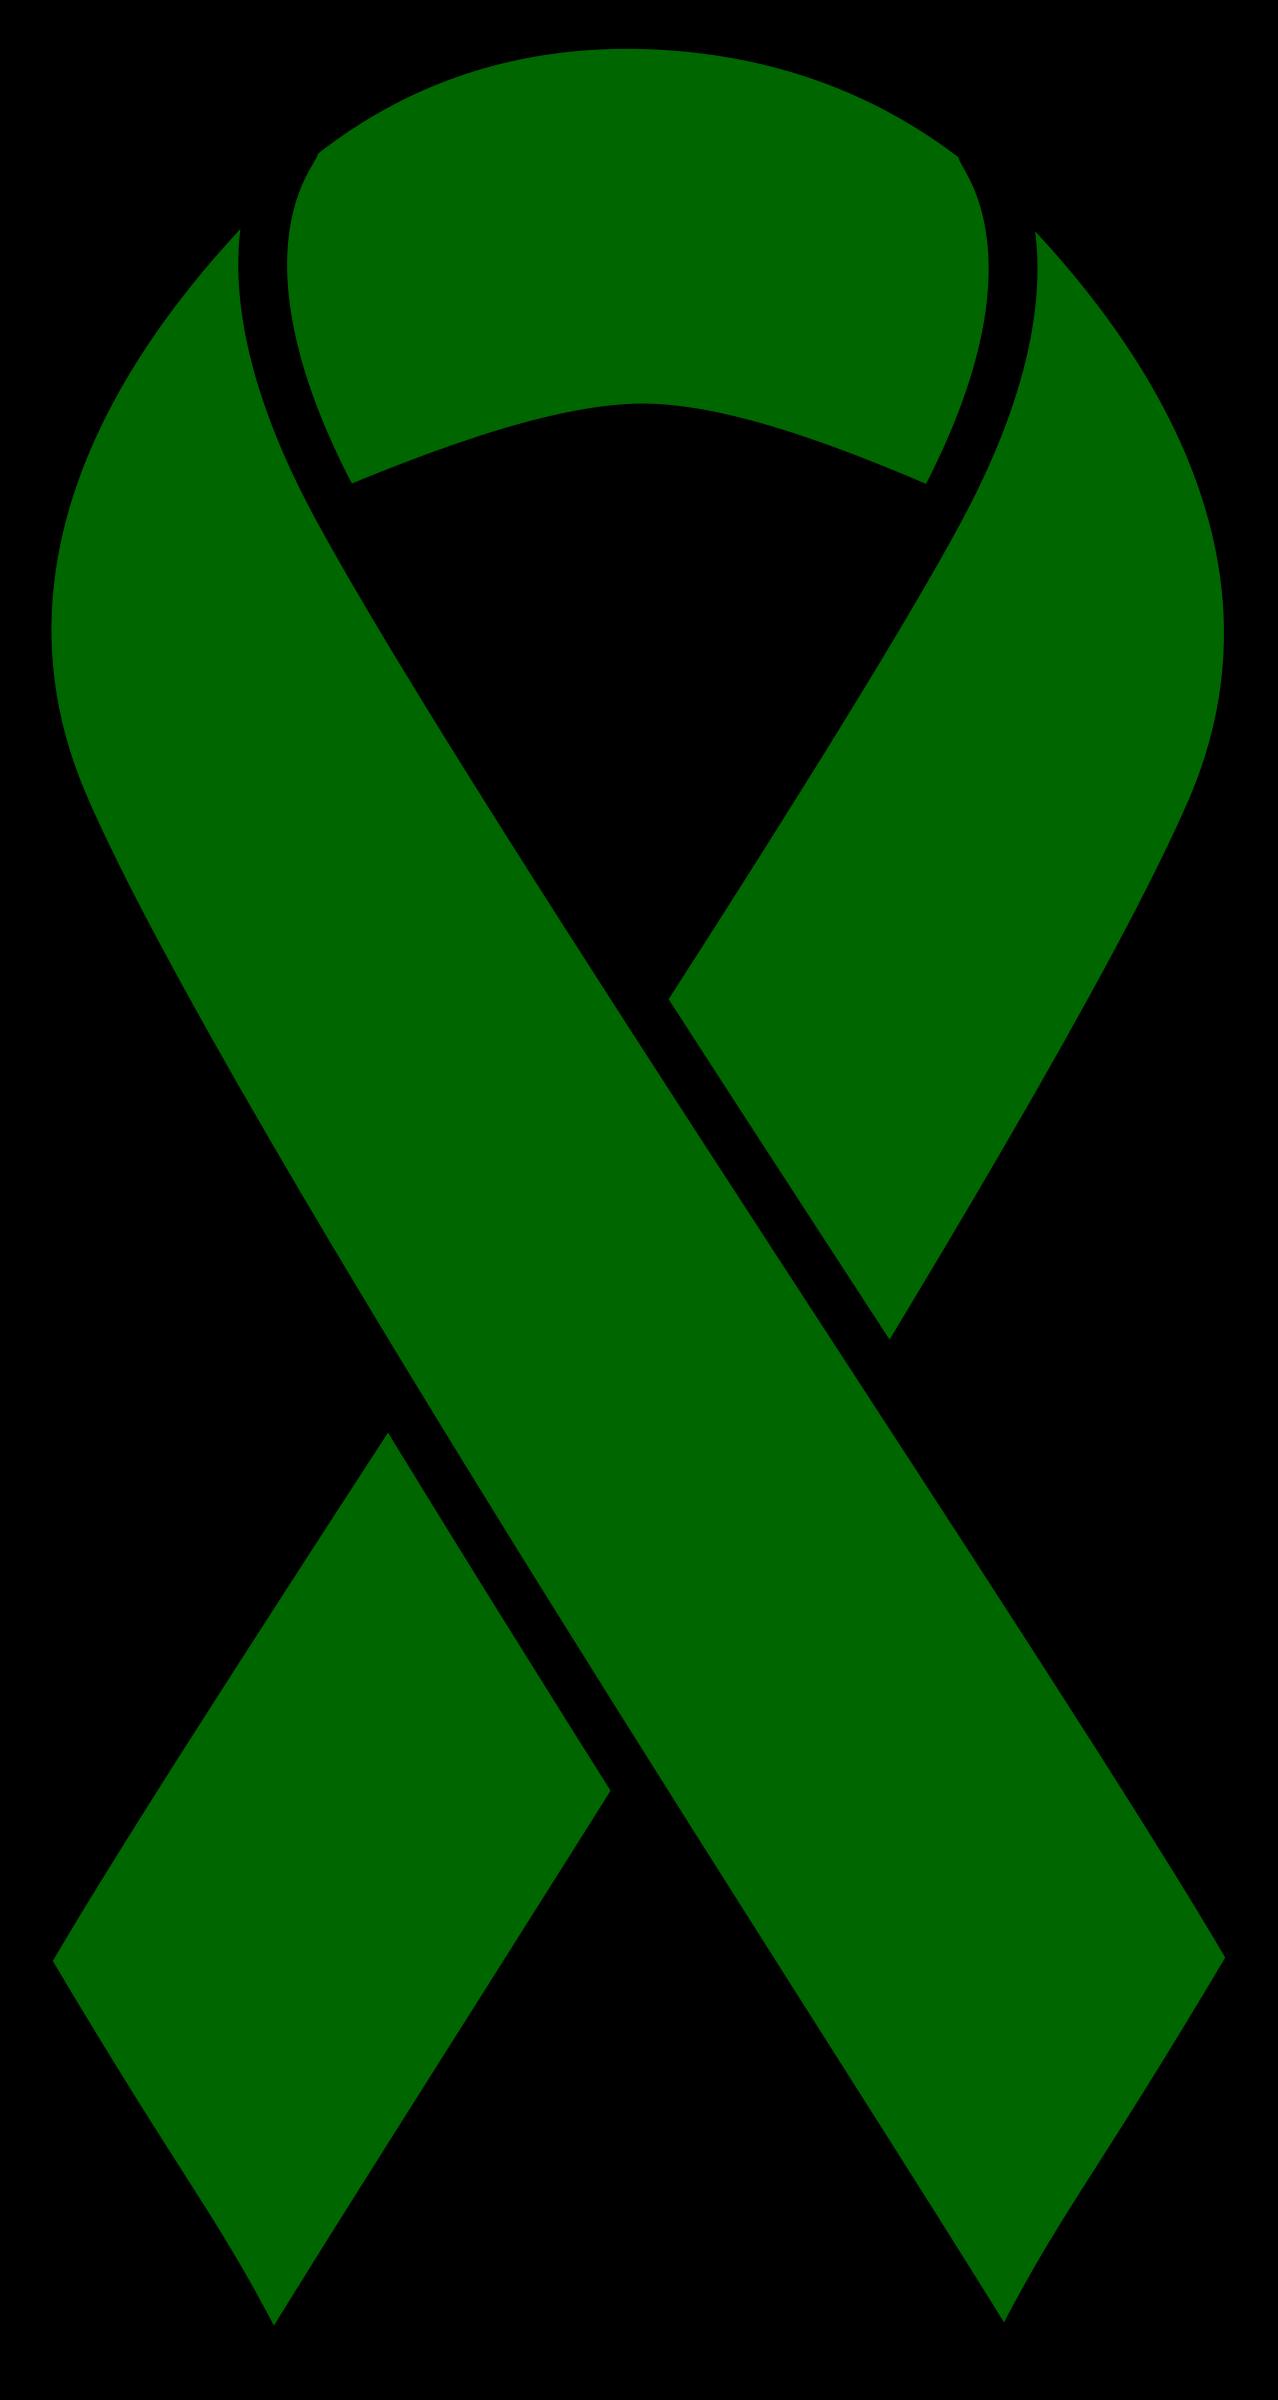 Emerald clipart transparent Ribbon Green Cancer emerald clipart